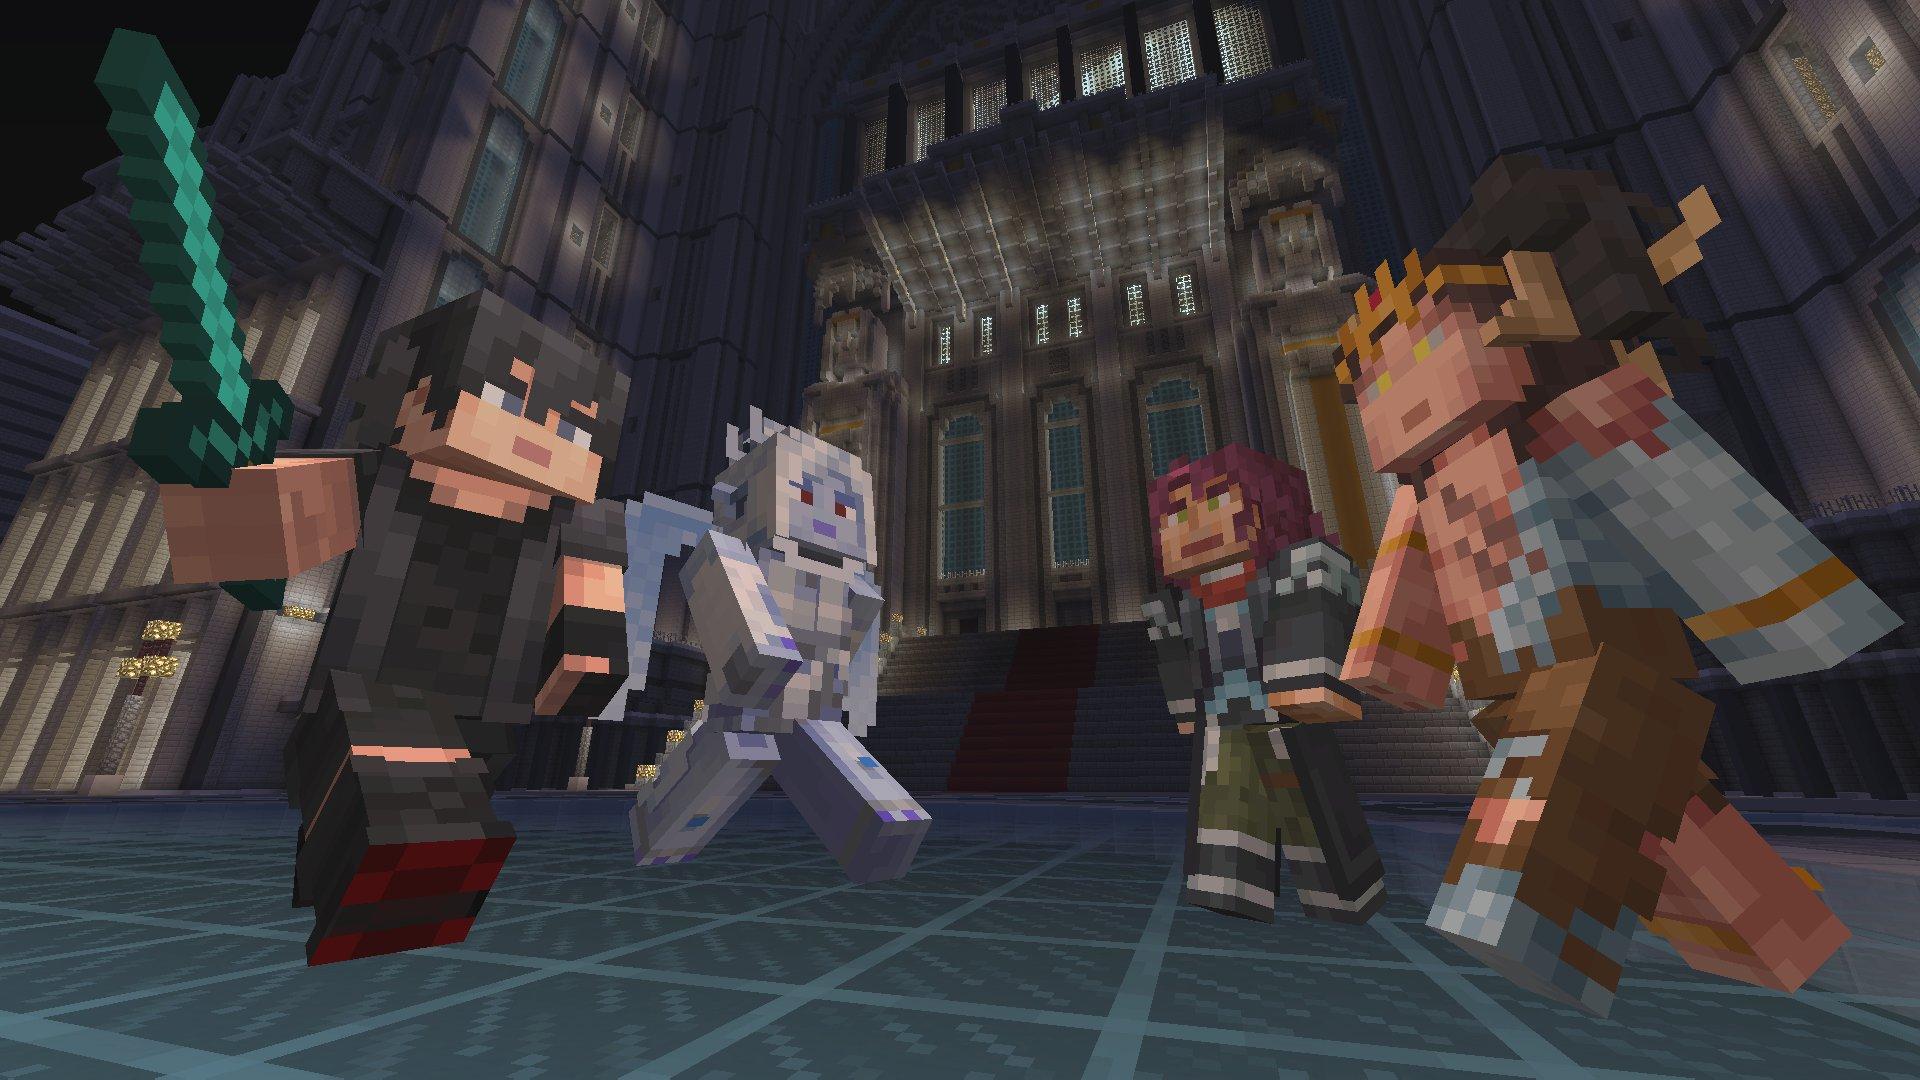 Minecraft Bilder Spieletipps - Minecraft spieletipps pc